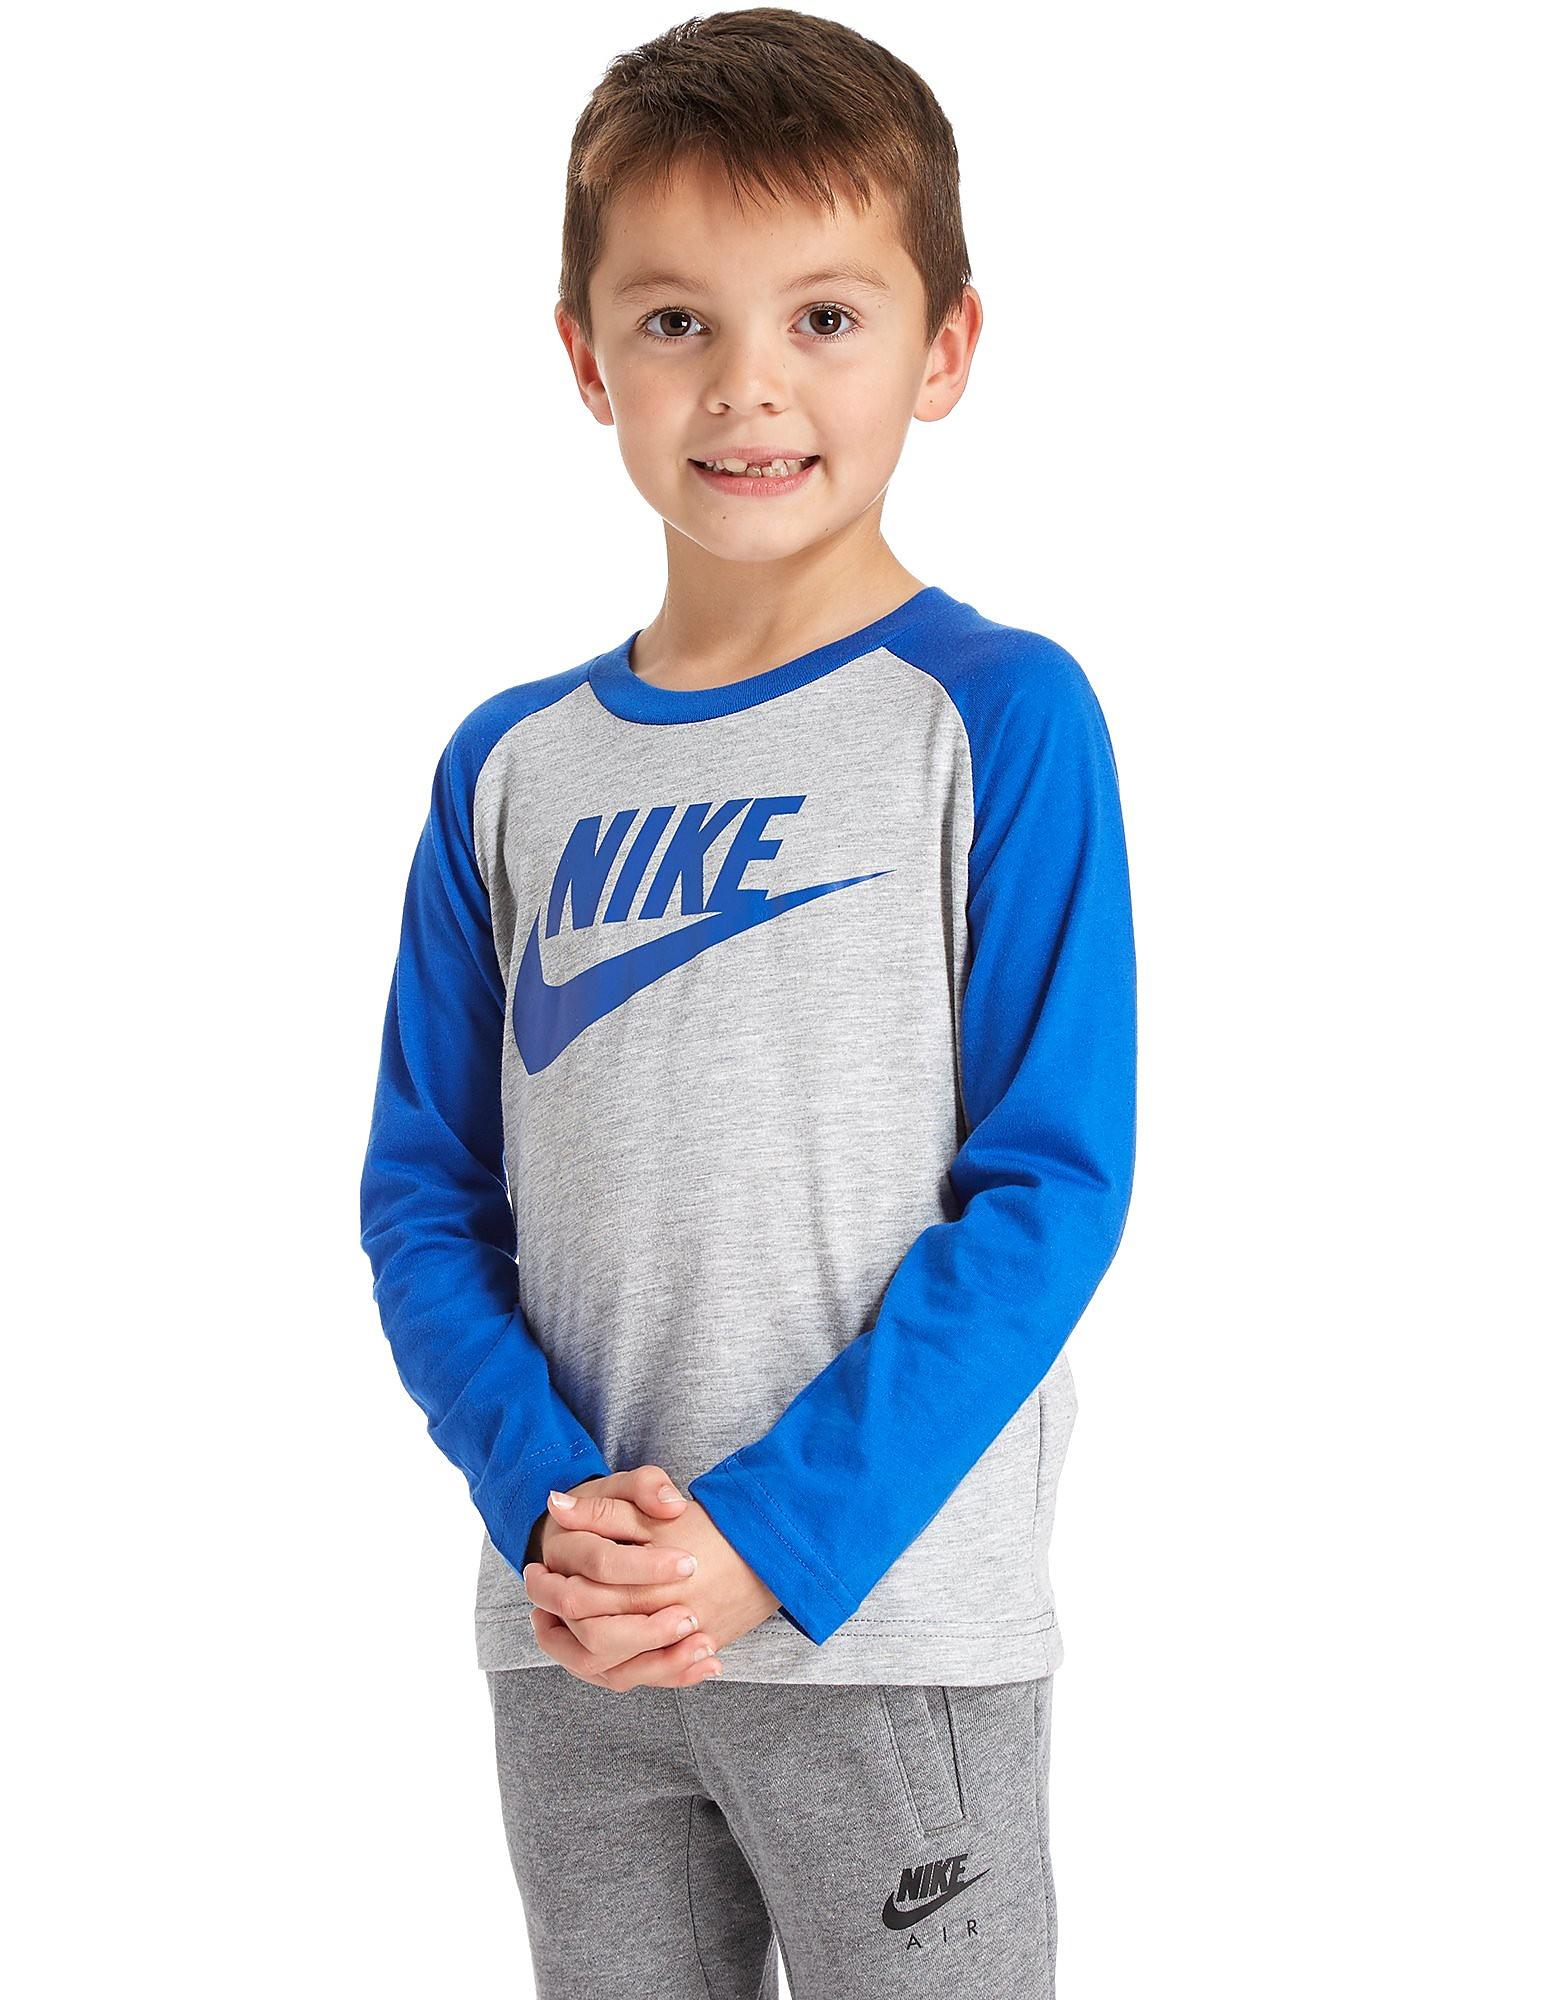 Nike camiseta de manga larga Futura Raglan infantil